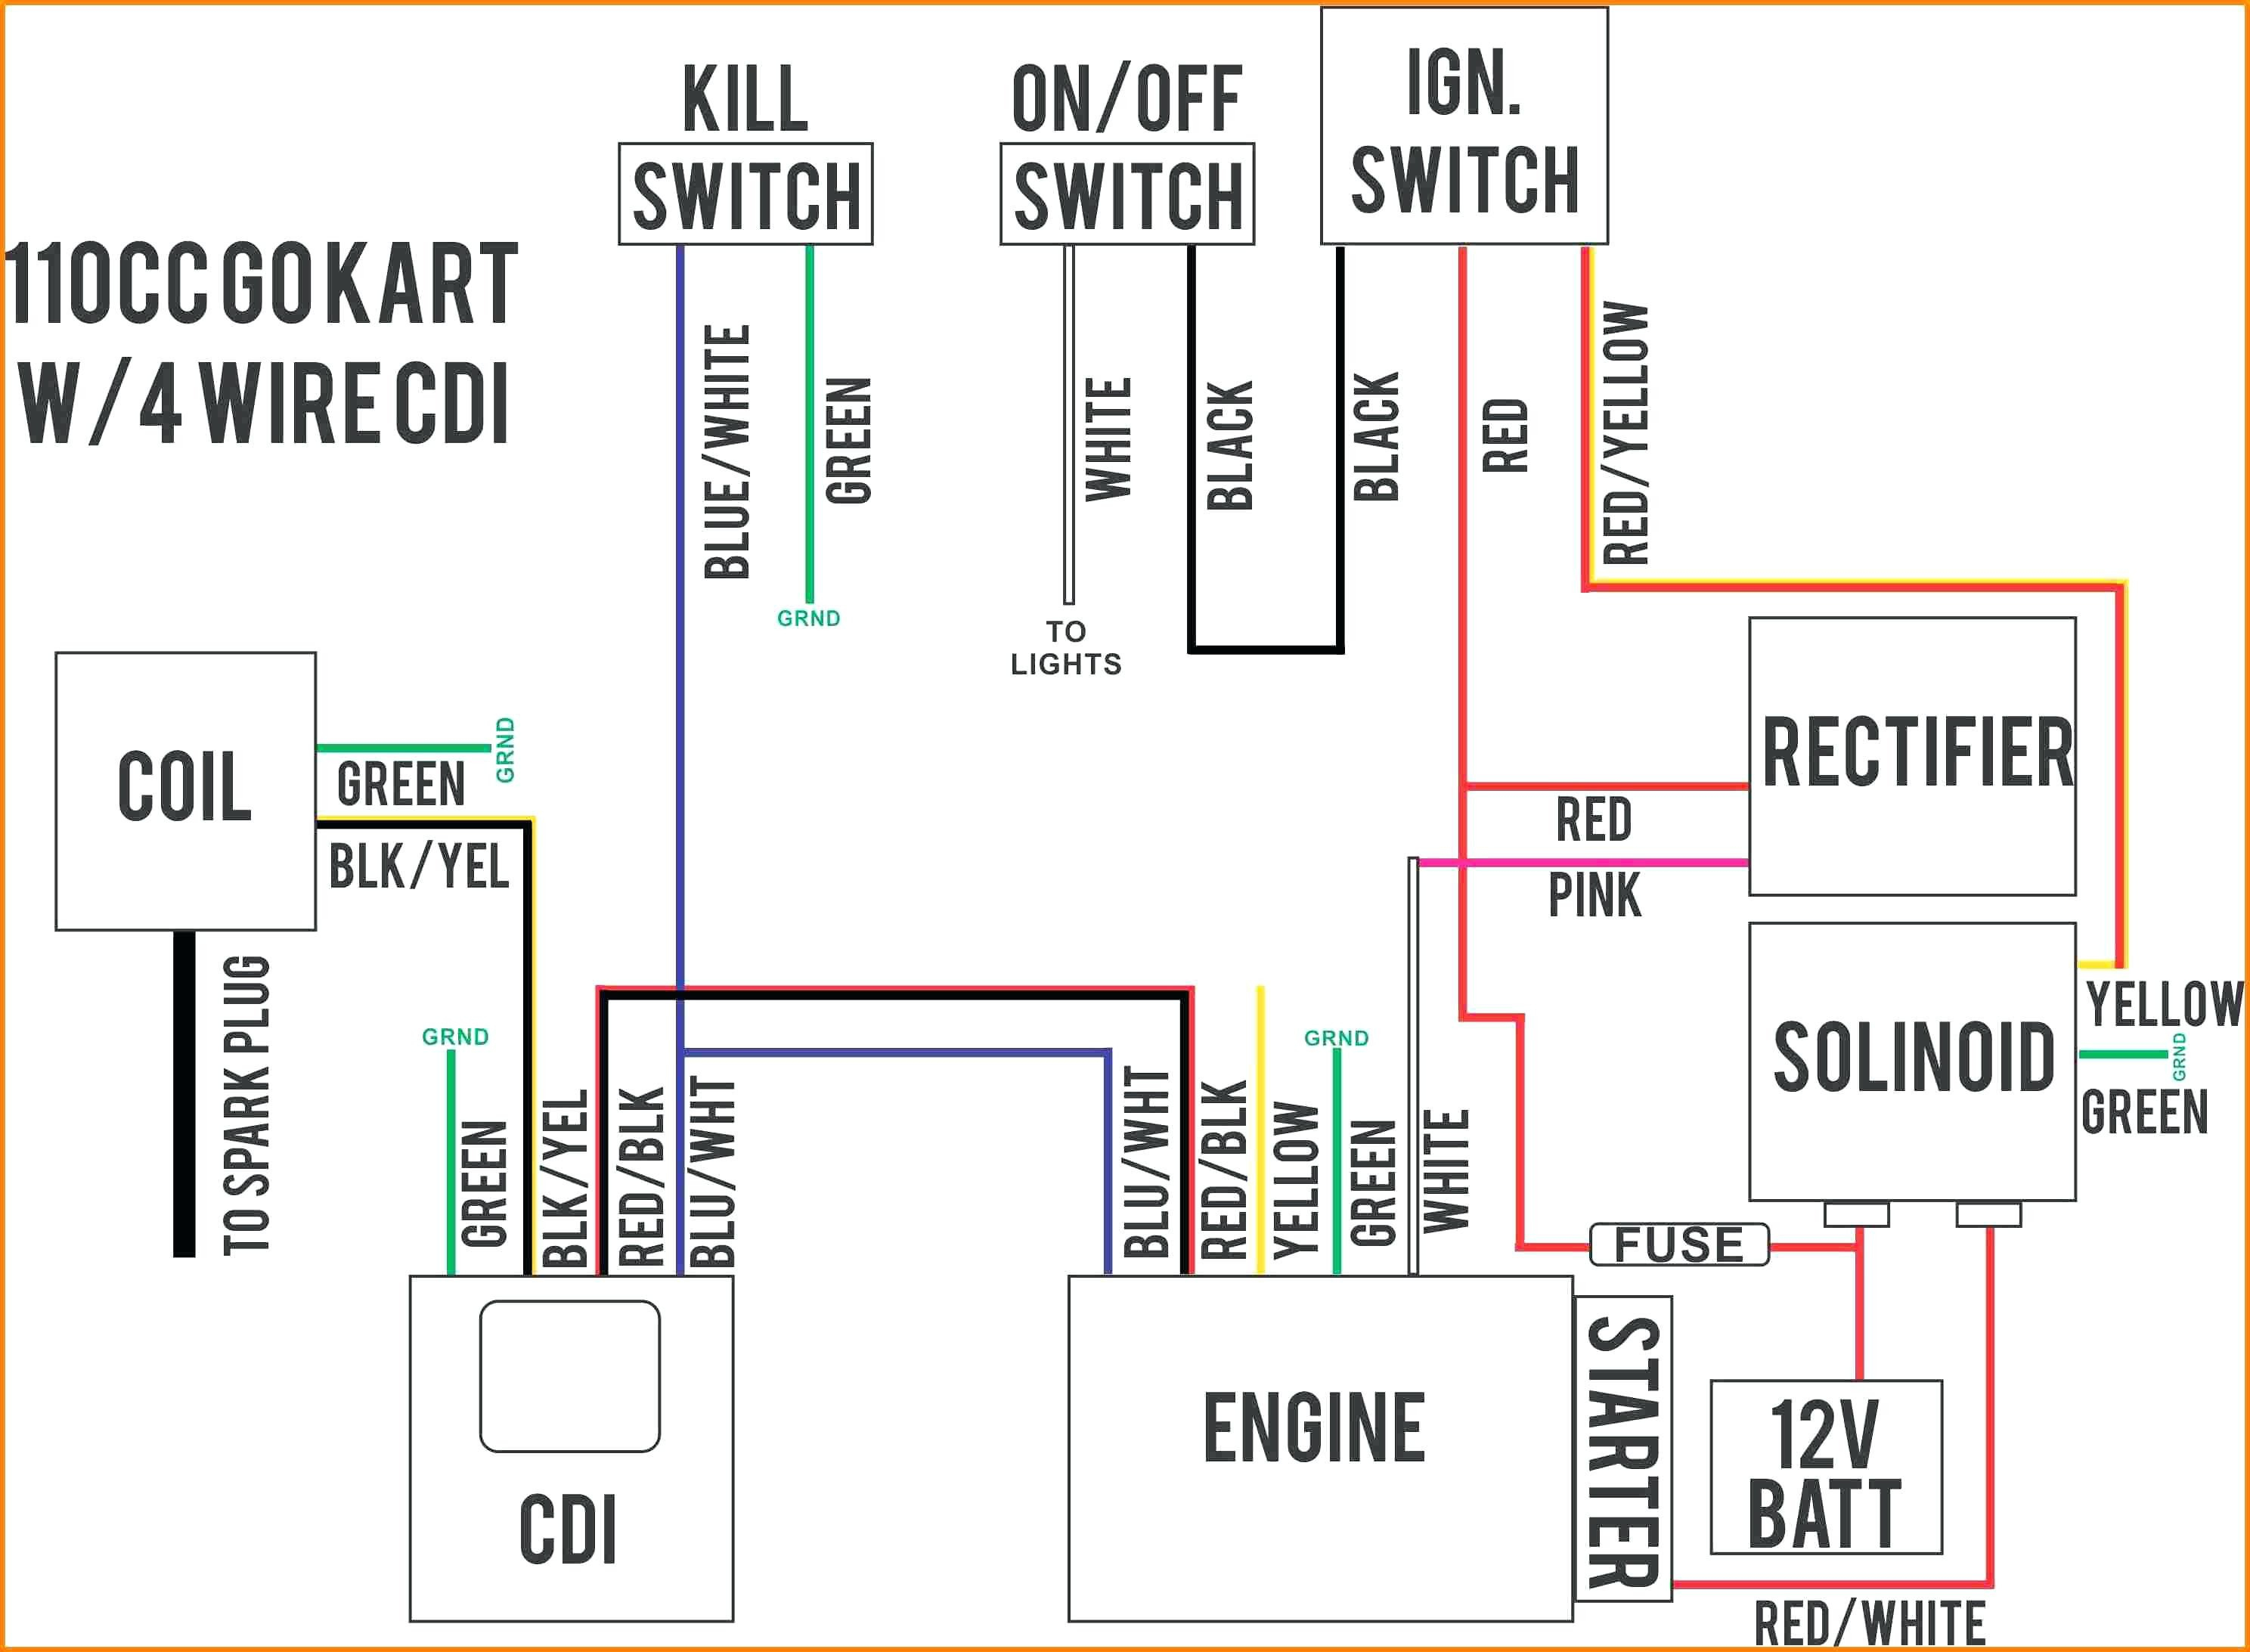 Honda Scoppyi 2015 Wiring Diagram | Wiring Diagram - Honda Motorcycle Wiring Diagram